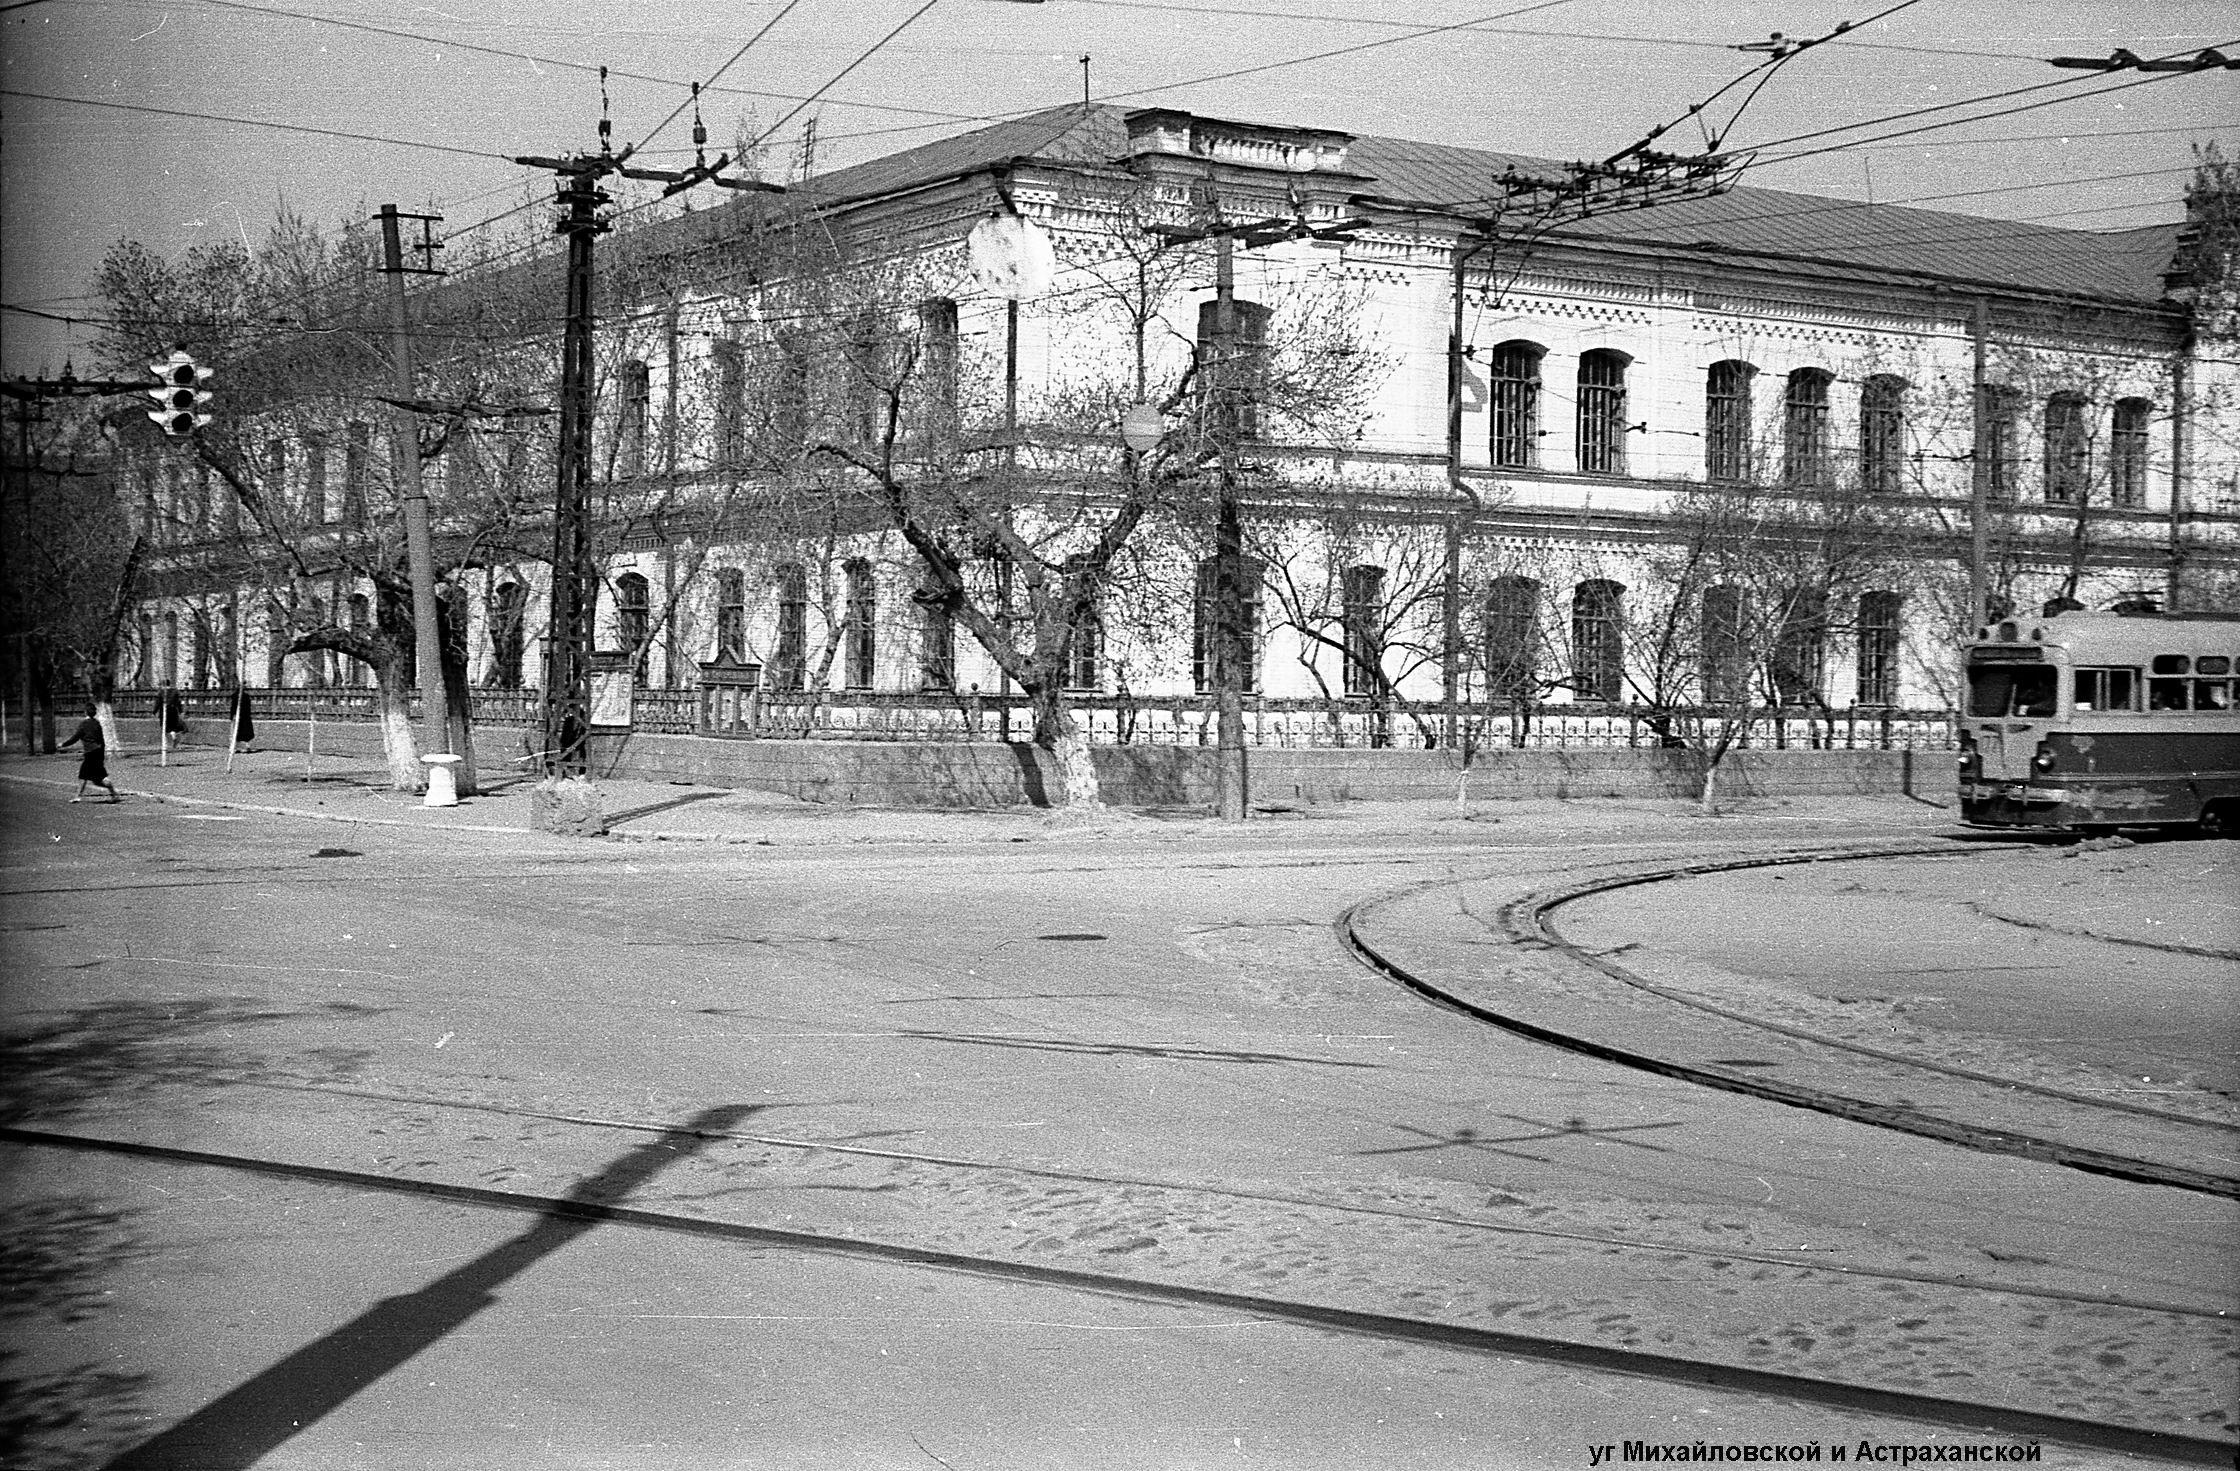 гуашью архив старых фотографий ул вавилова отдыха